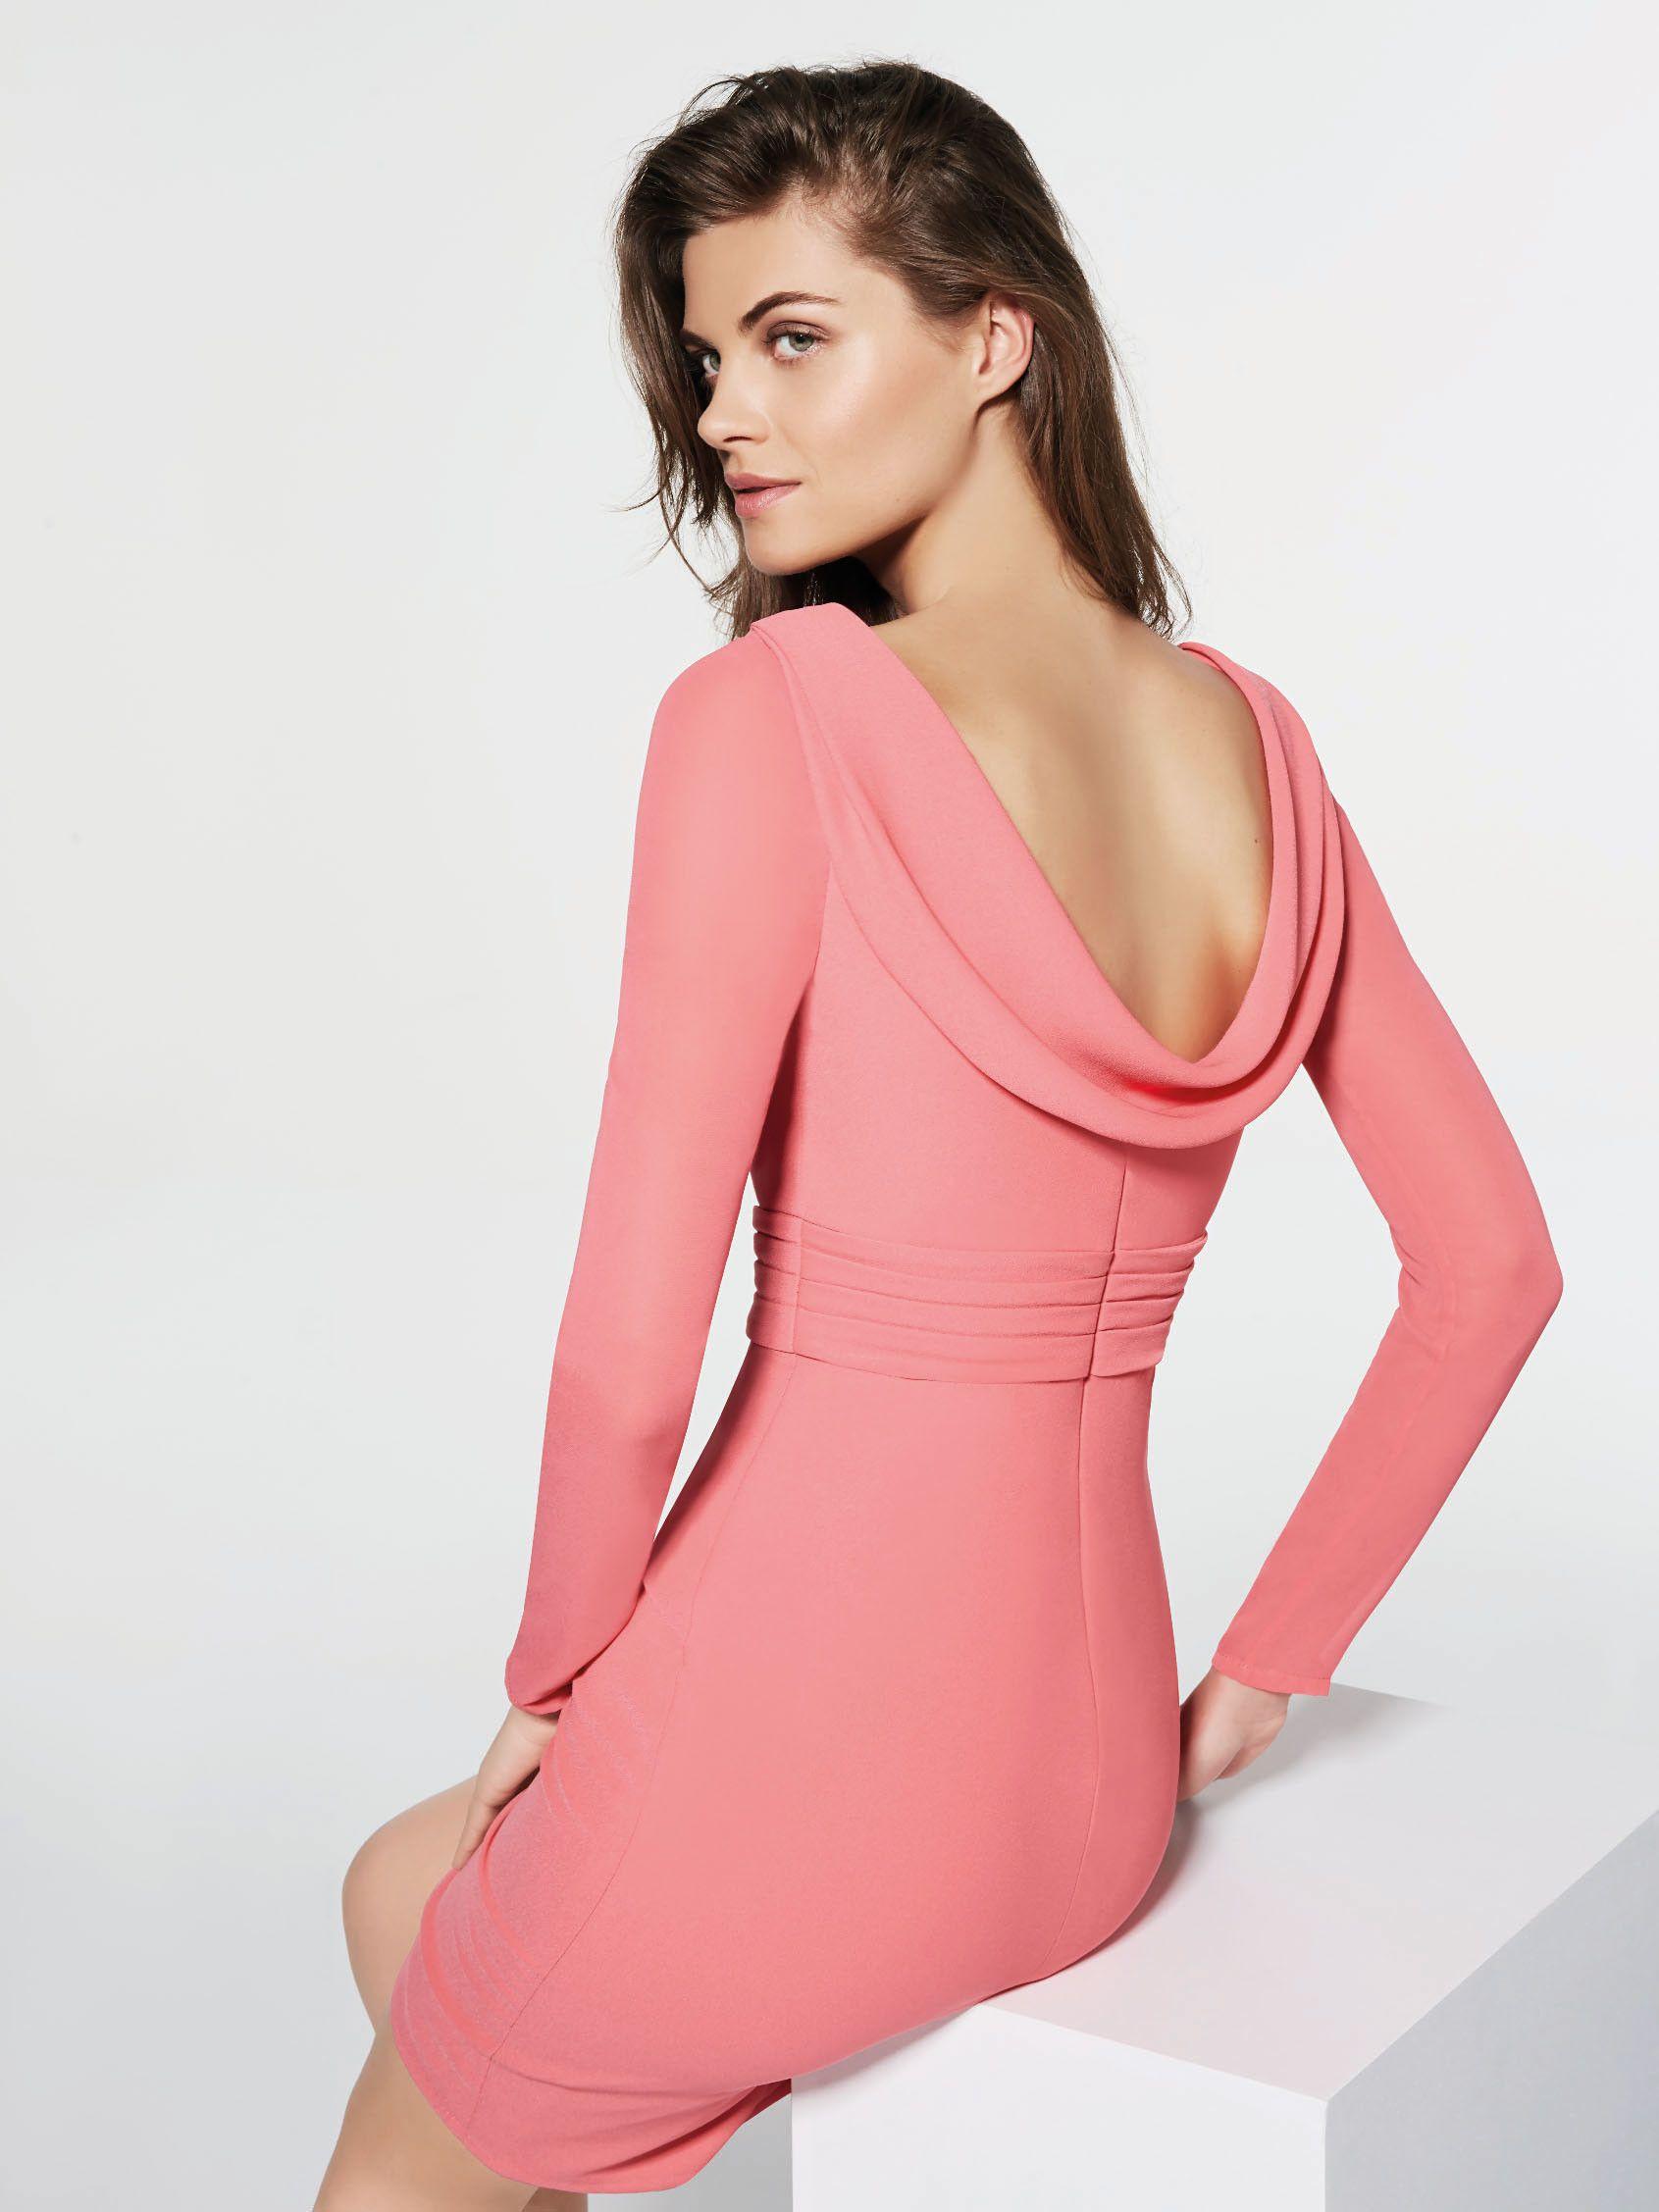 Imagen del vestido de fiesta rojo (62069). Vestido GRADILANA corto ...